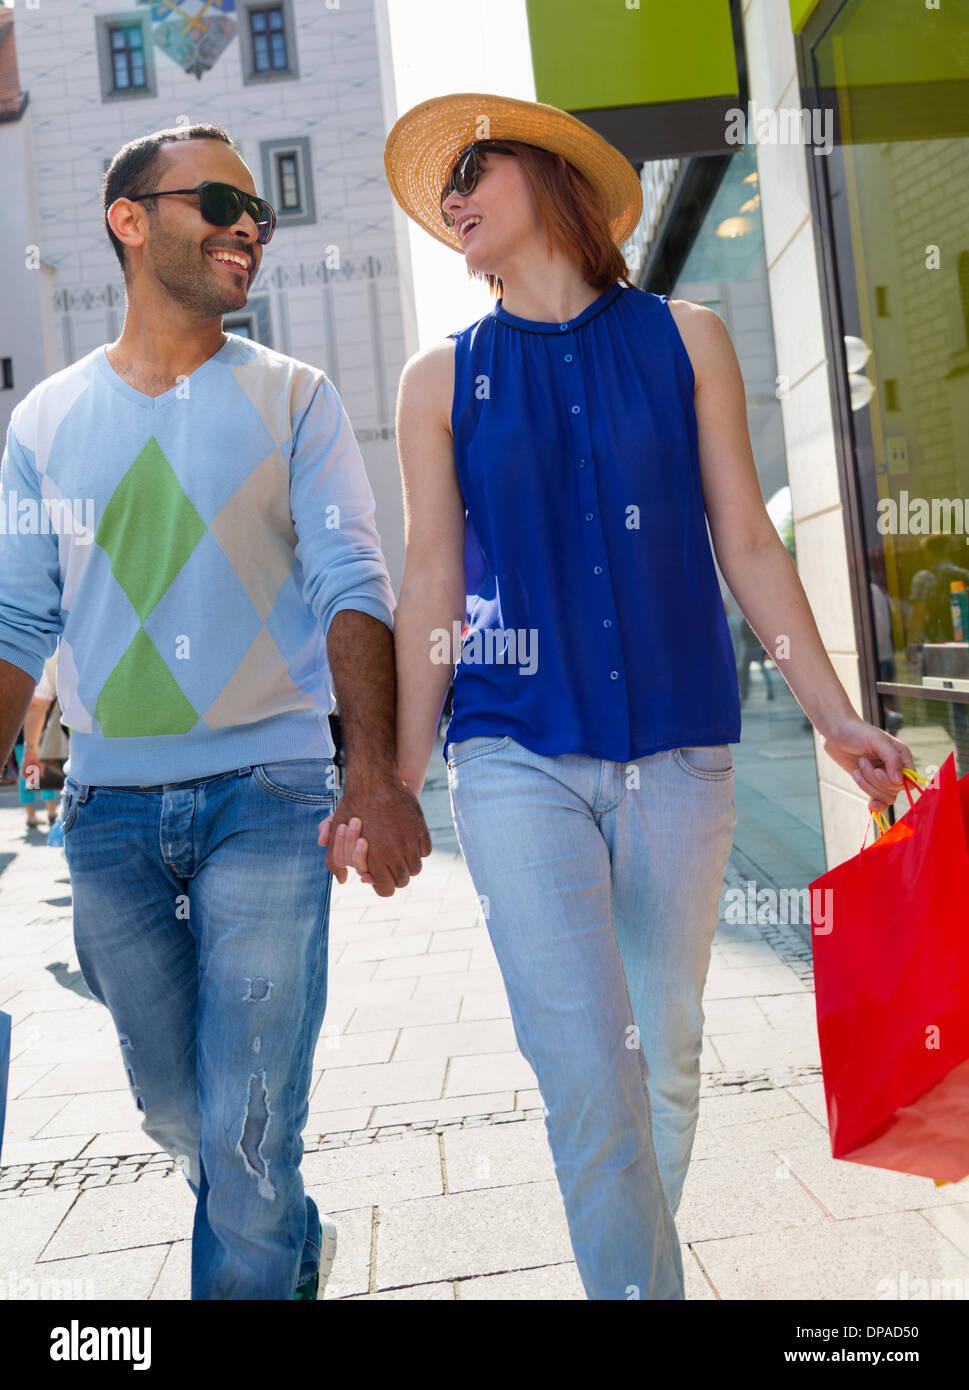 Tourists in Munich Marienplatz, Munich, Germany Stock Photo